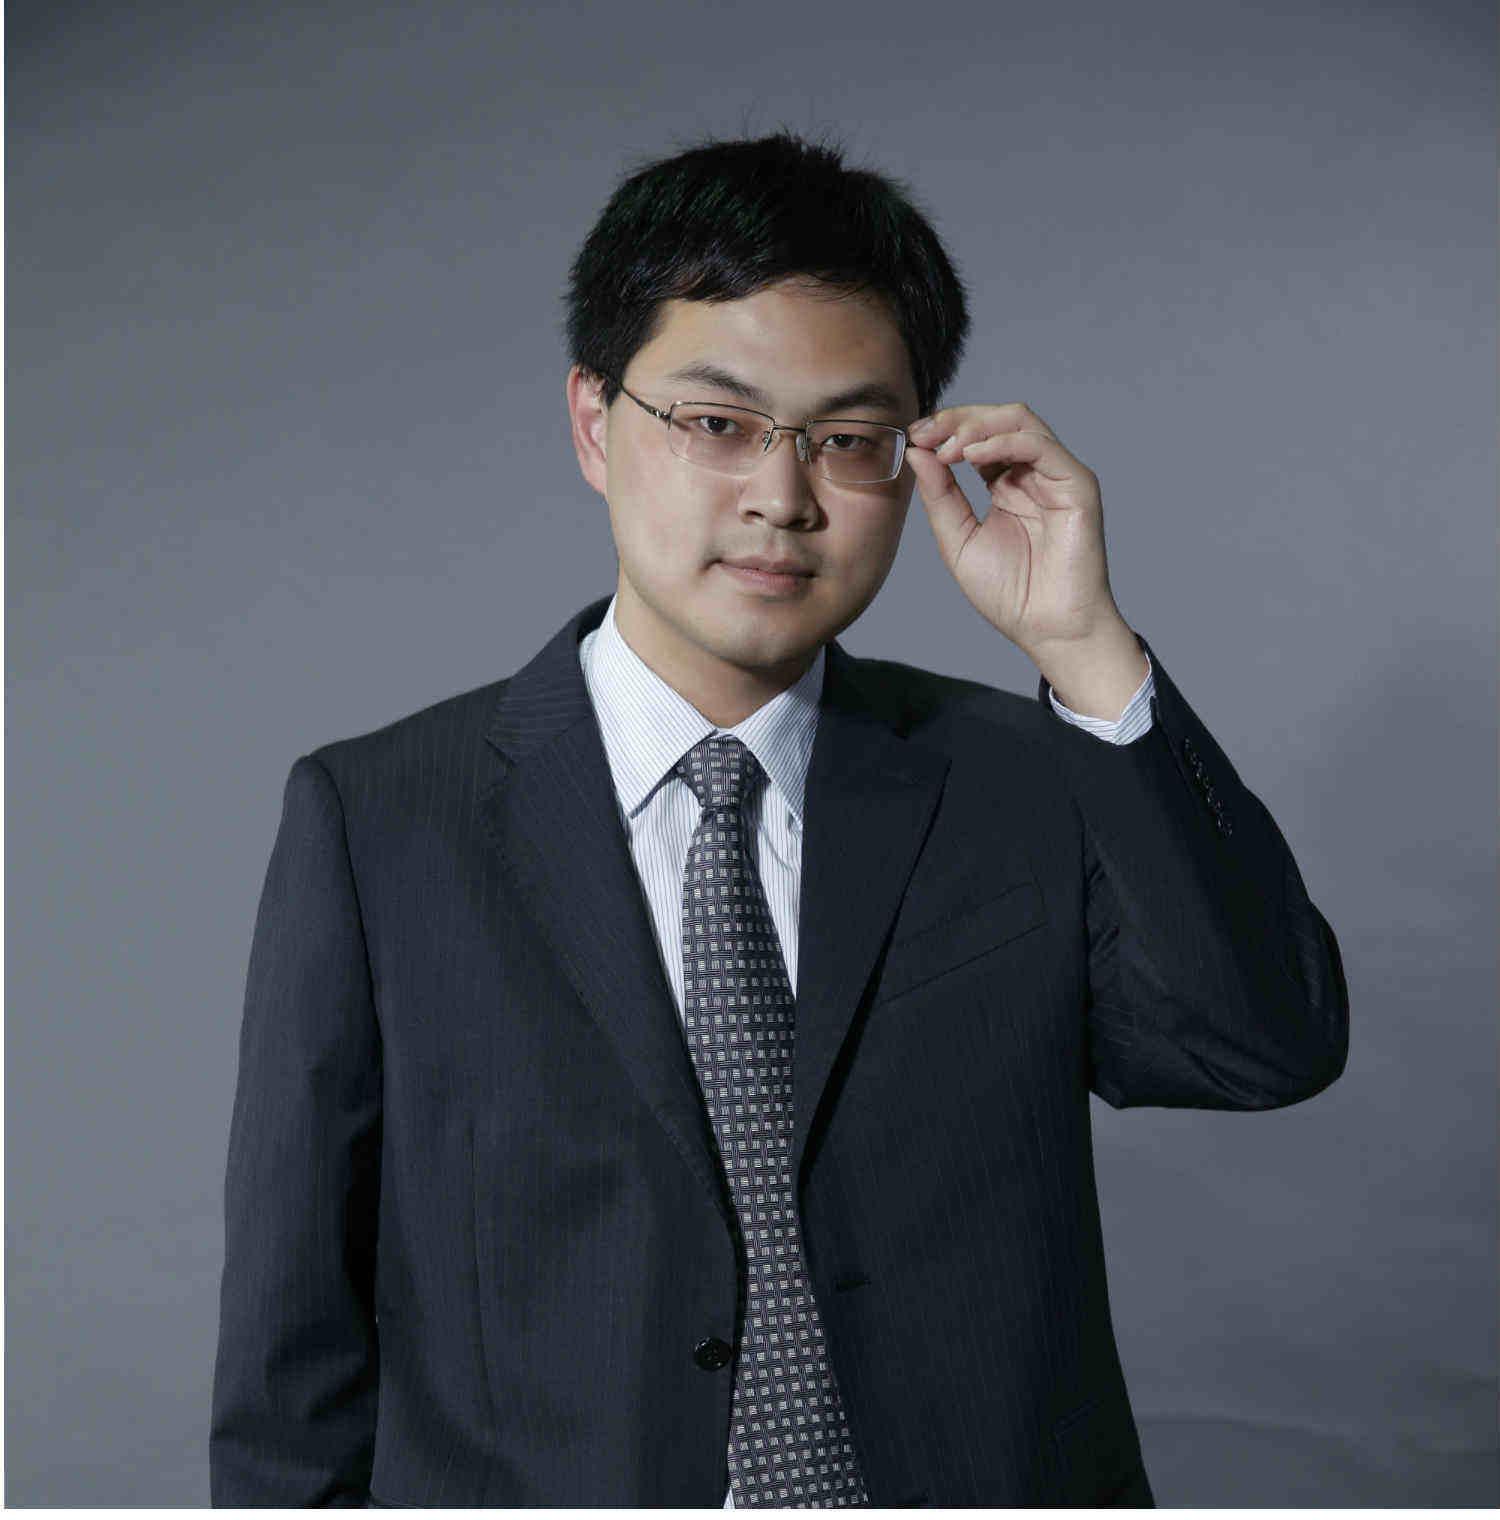 钱柜客户端CFA讲师:Chen老师